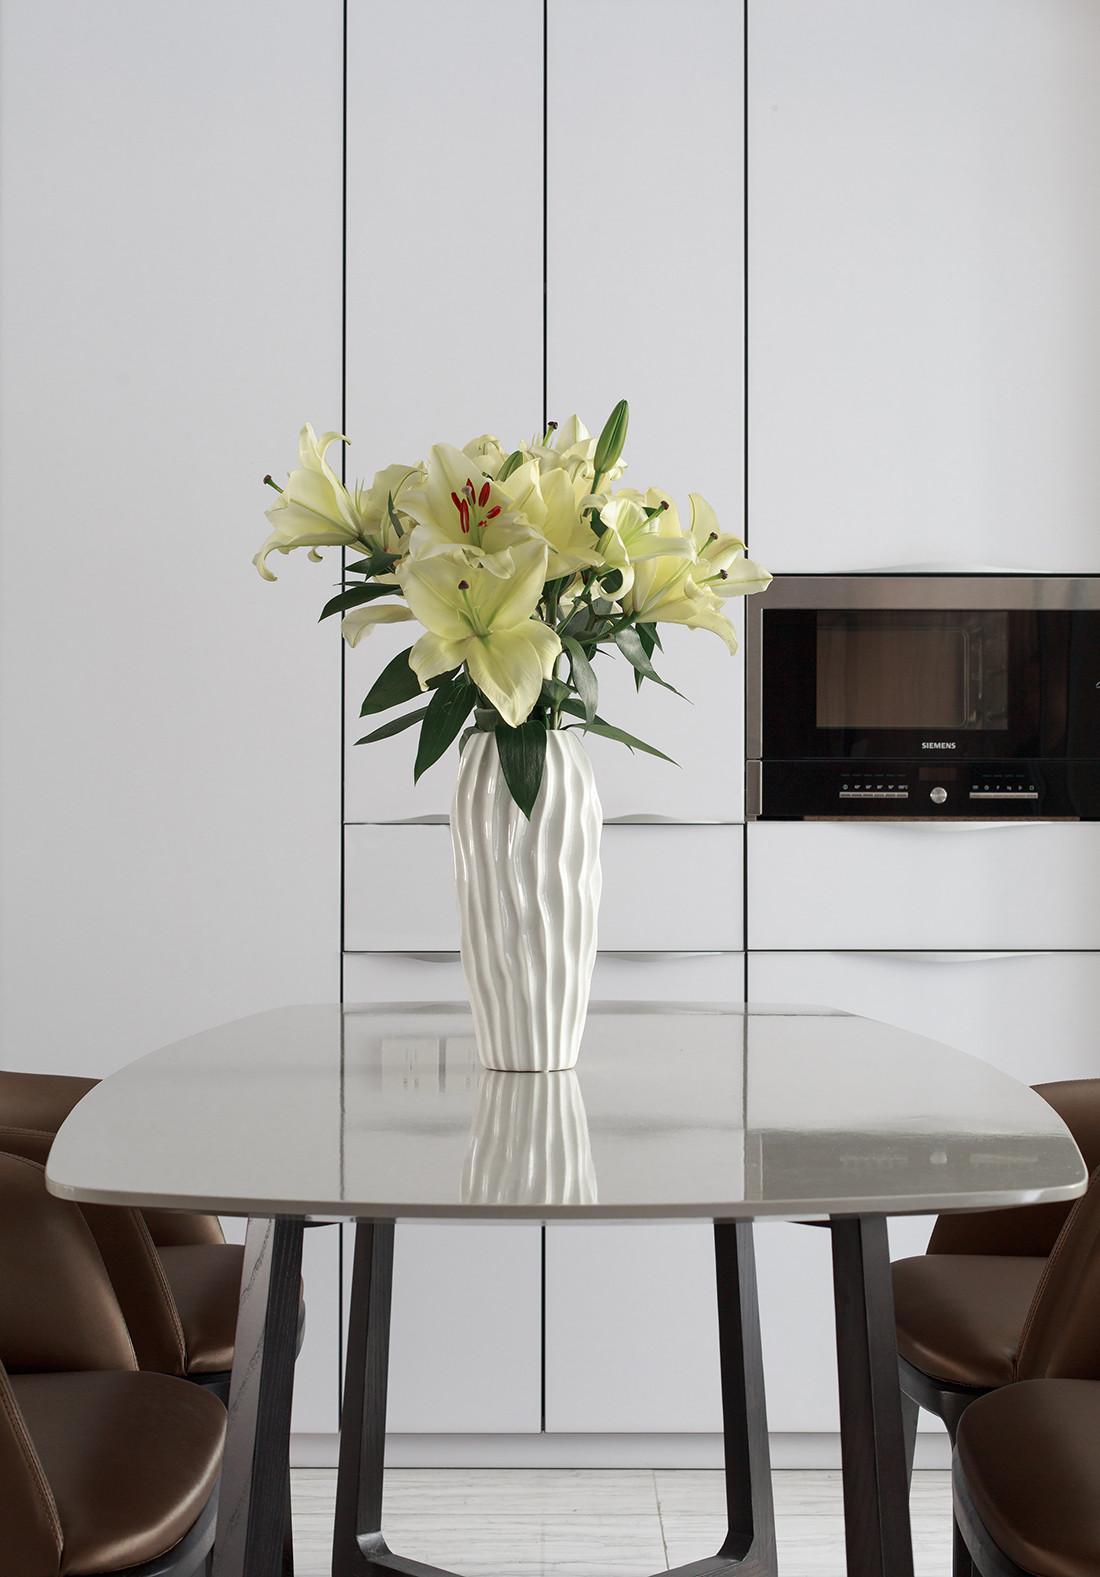 简约三居装修餐桌装饰花瓶图片